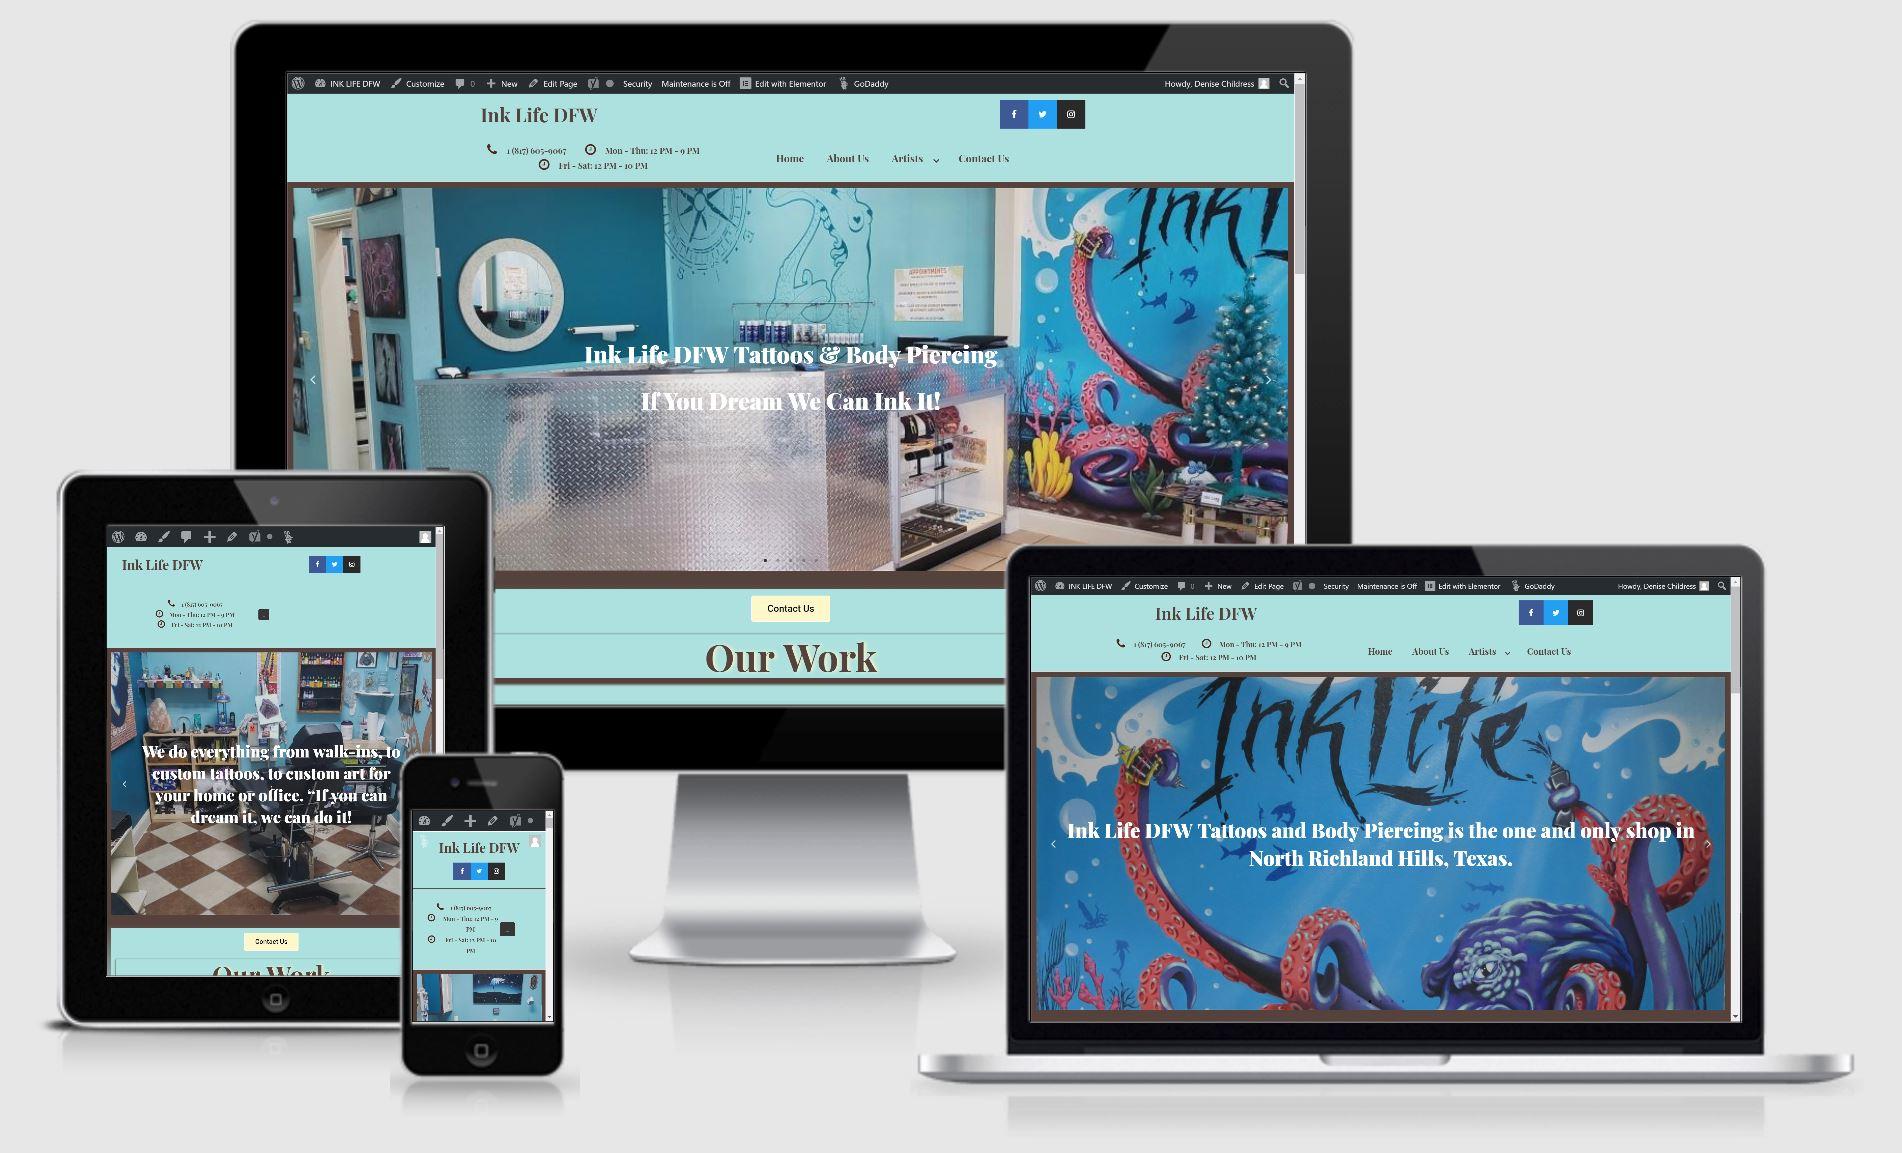 Ink Life DFW website makeover